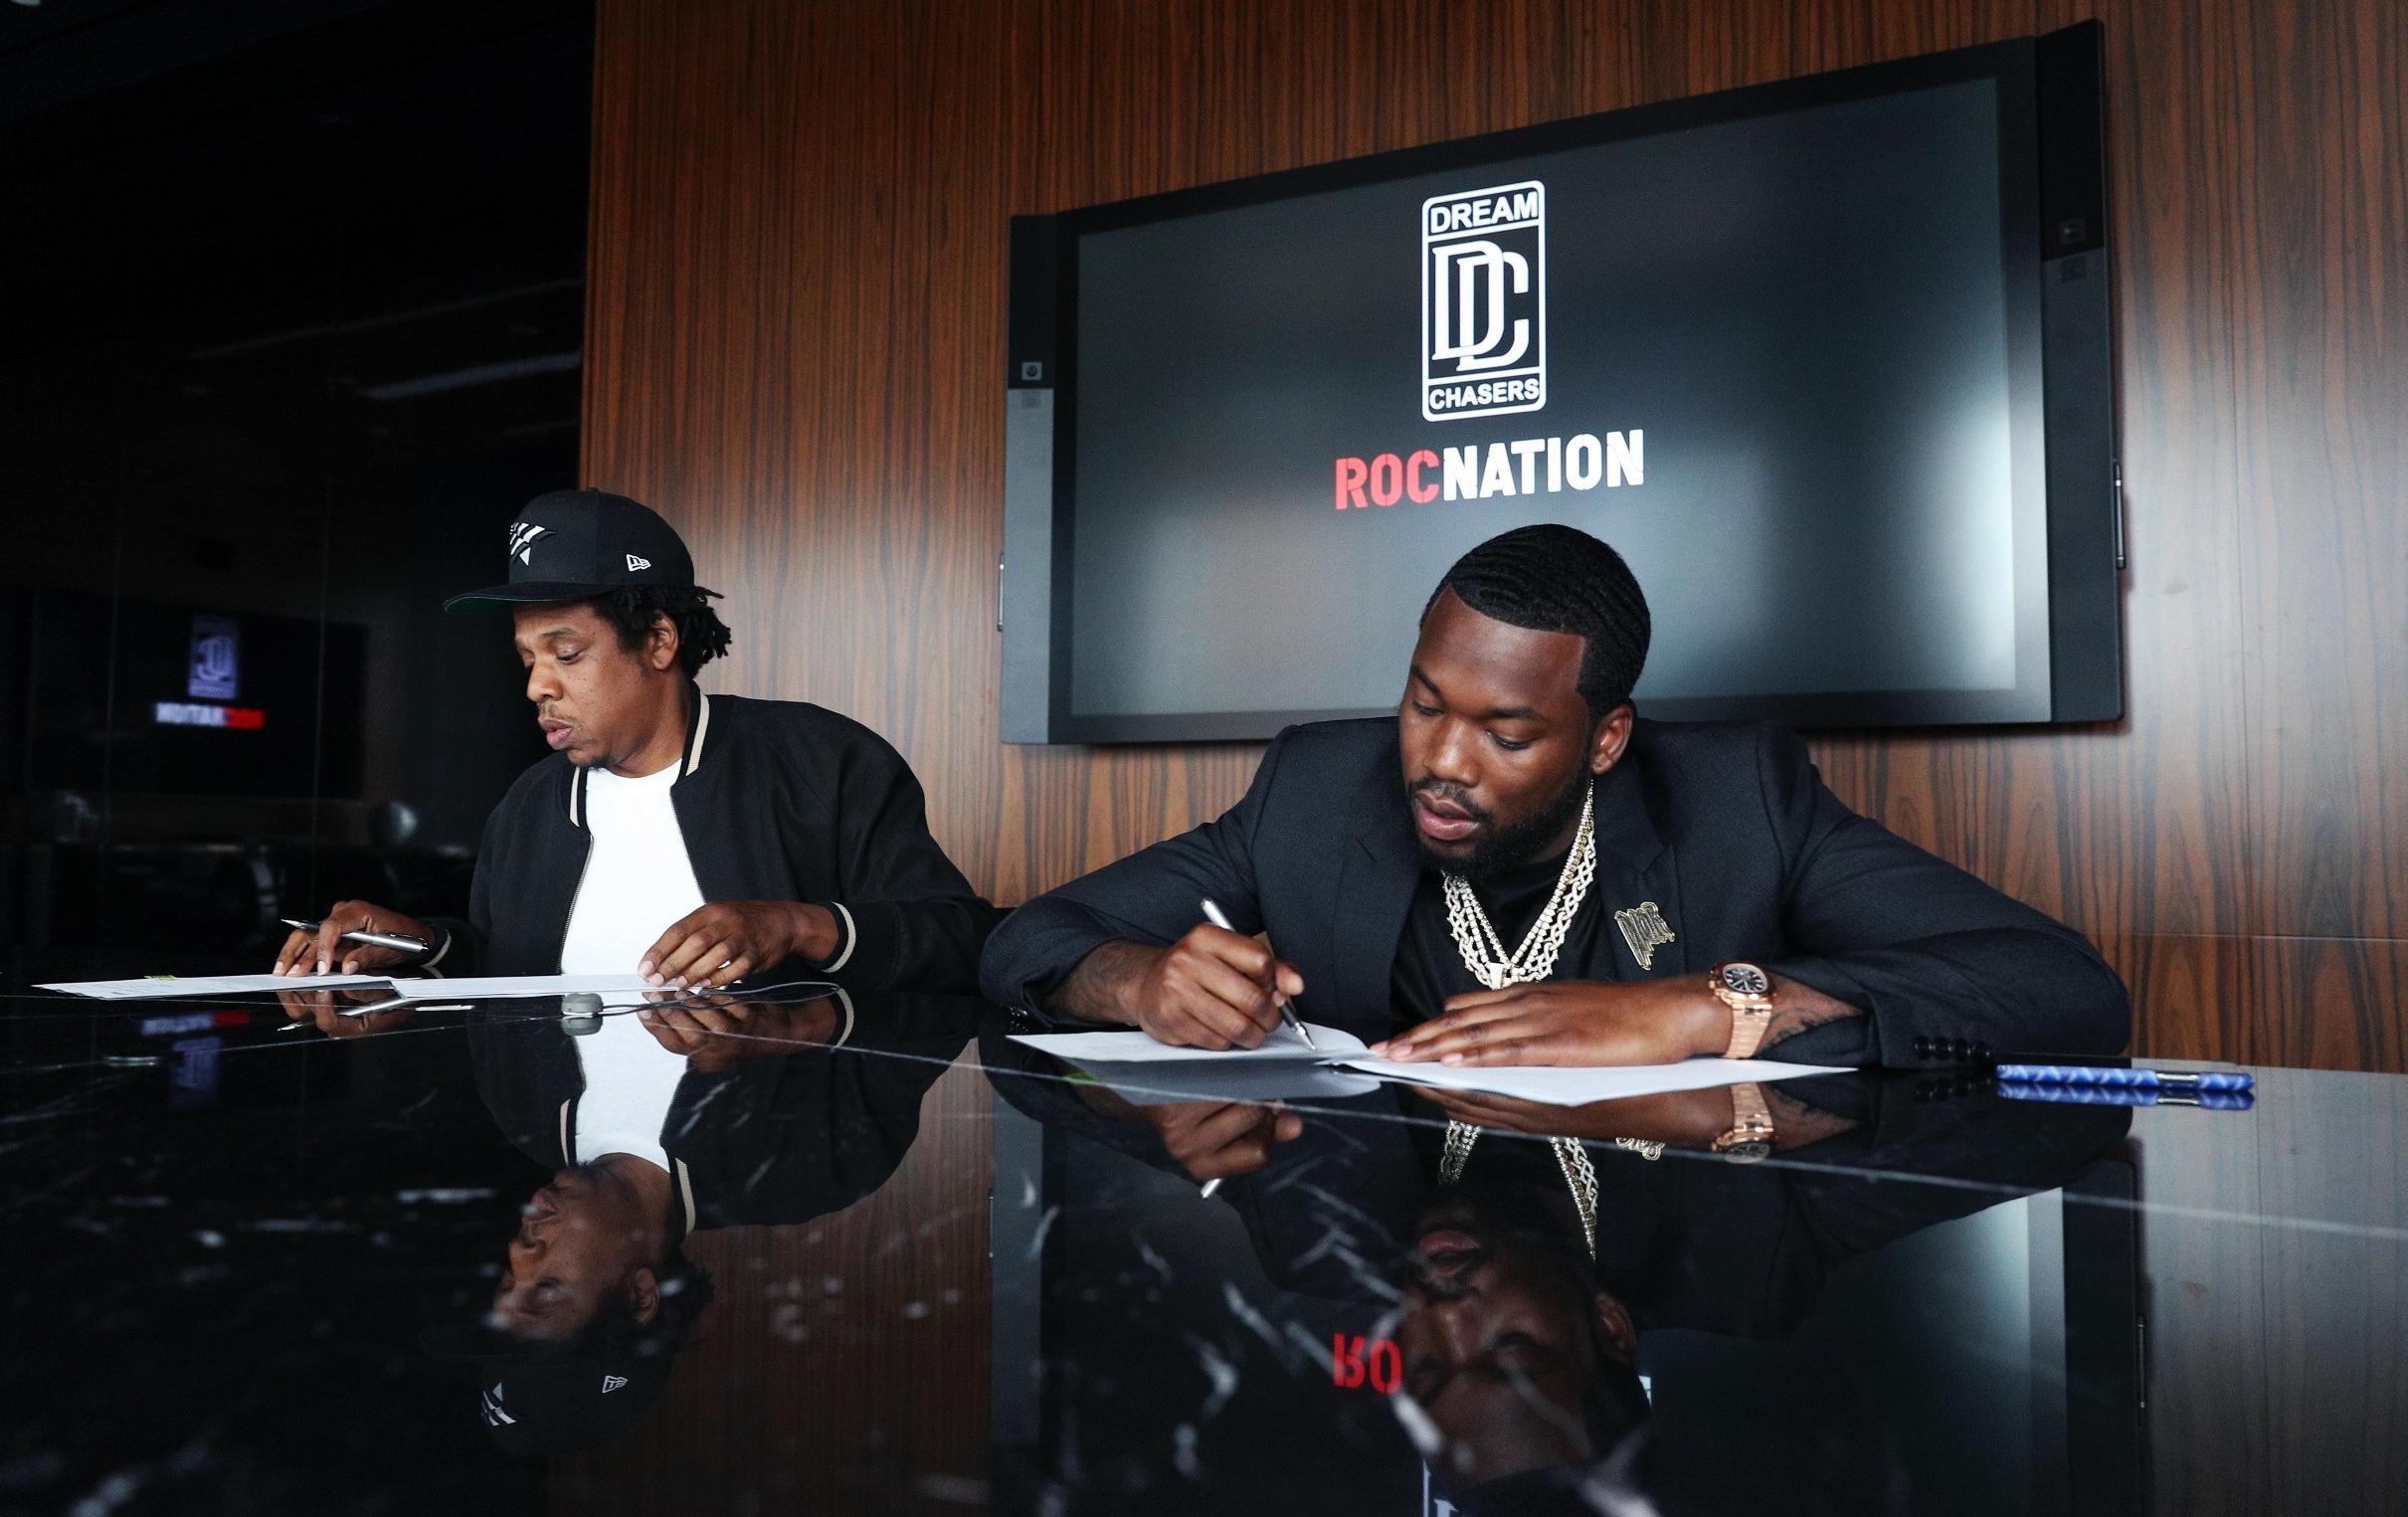 En plus de posséder le détaillant d'articles de sports Lids, Meek Mill prend la tête du label Dream Chasers, soutenu par Jay Z et Roc Nation